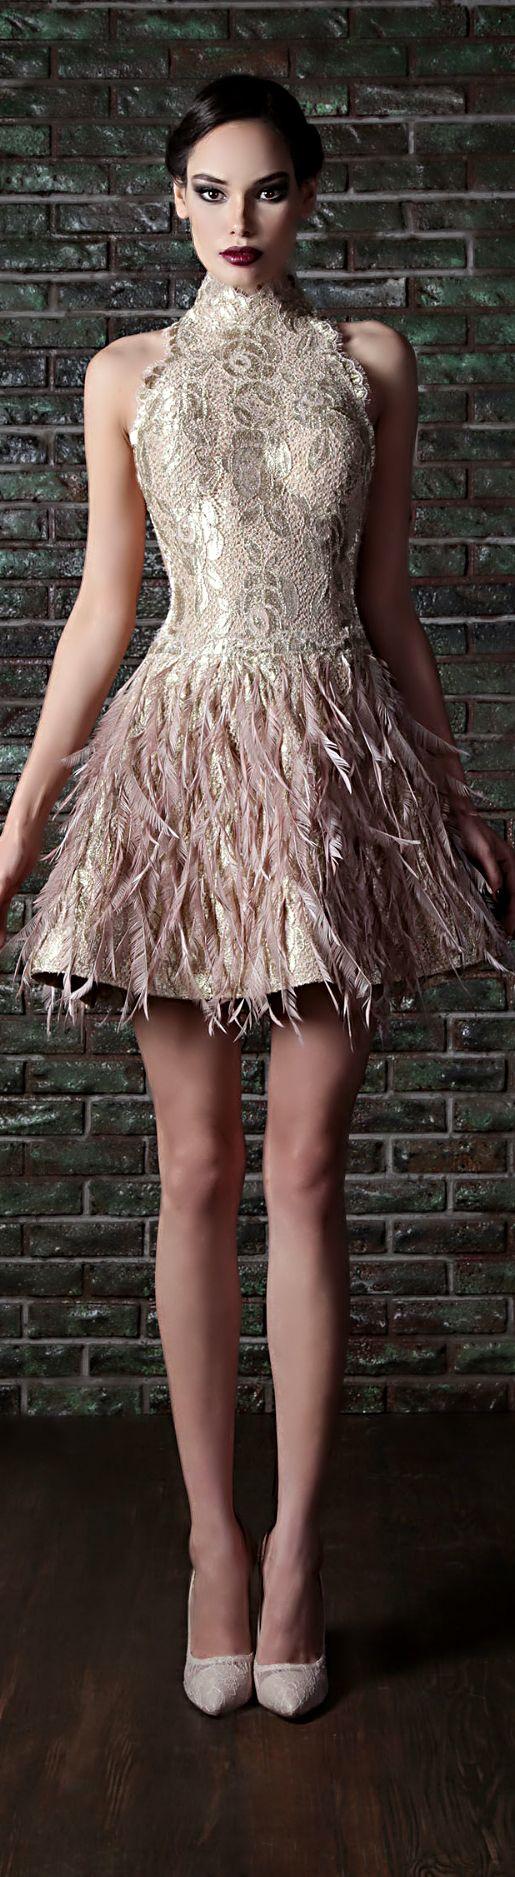 Rami Kadi cocktail dress with feathers